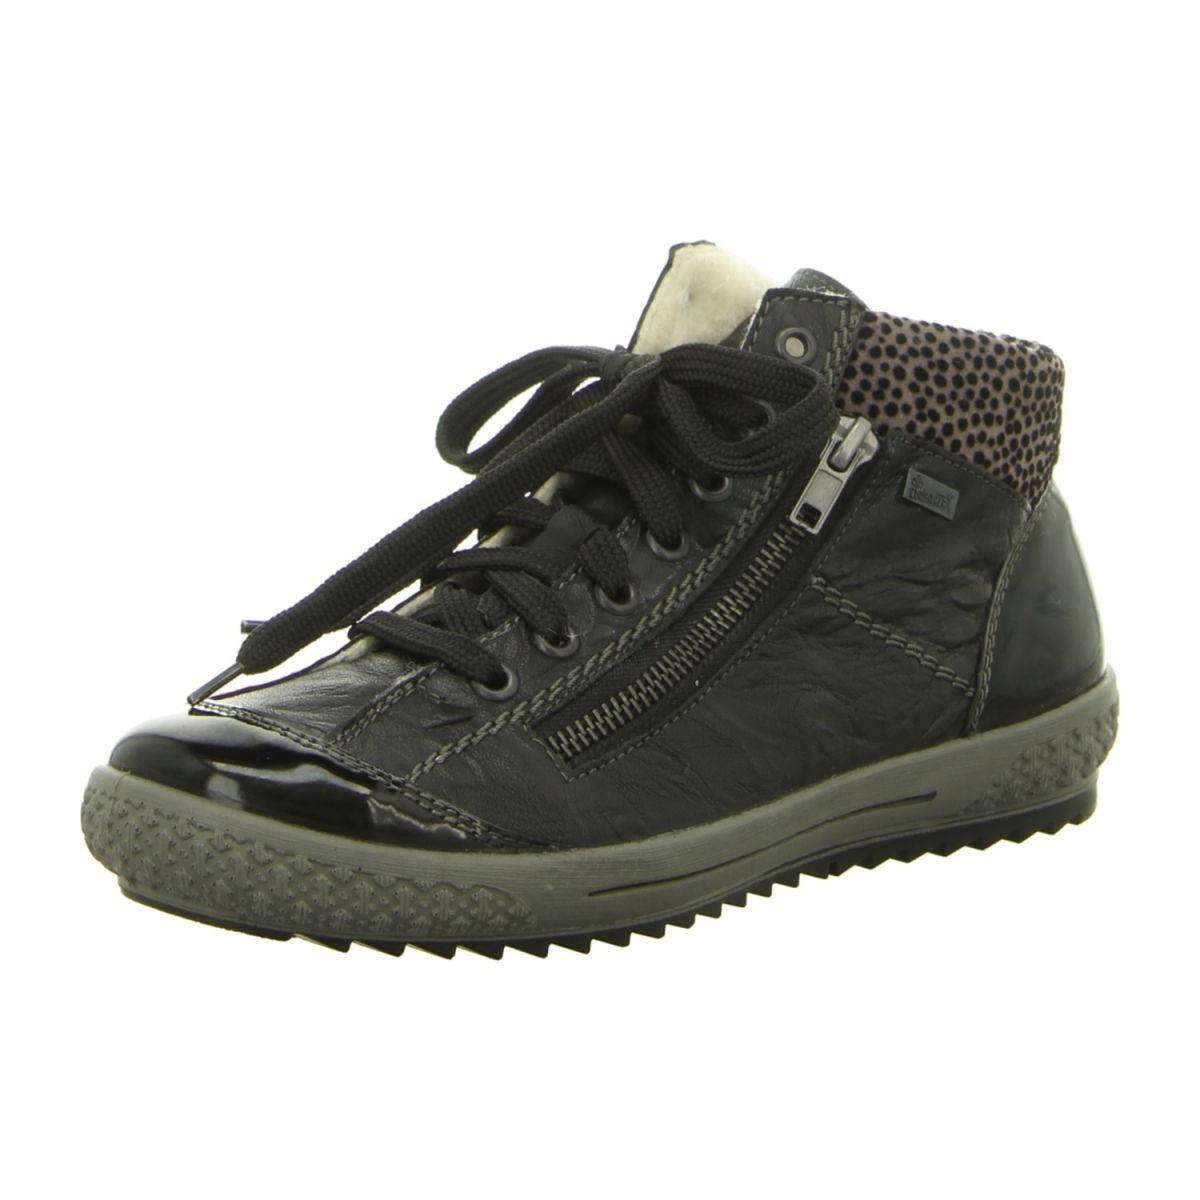 NEU: Rieker Sneaker Stiefeletten M6143-00 - schwarz kombi -